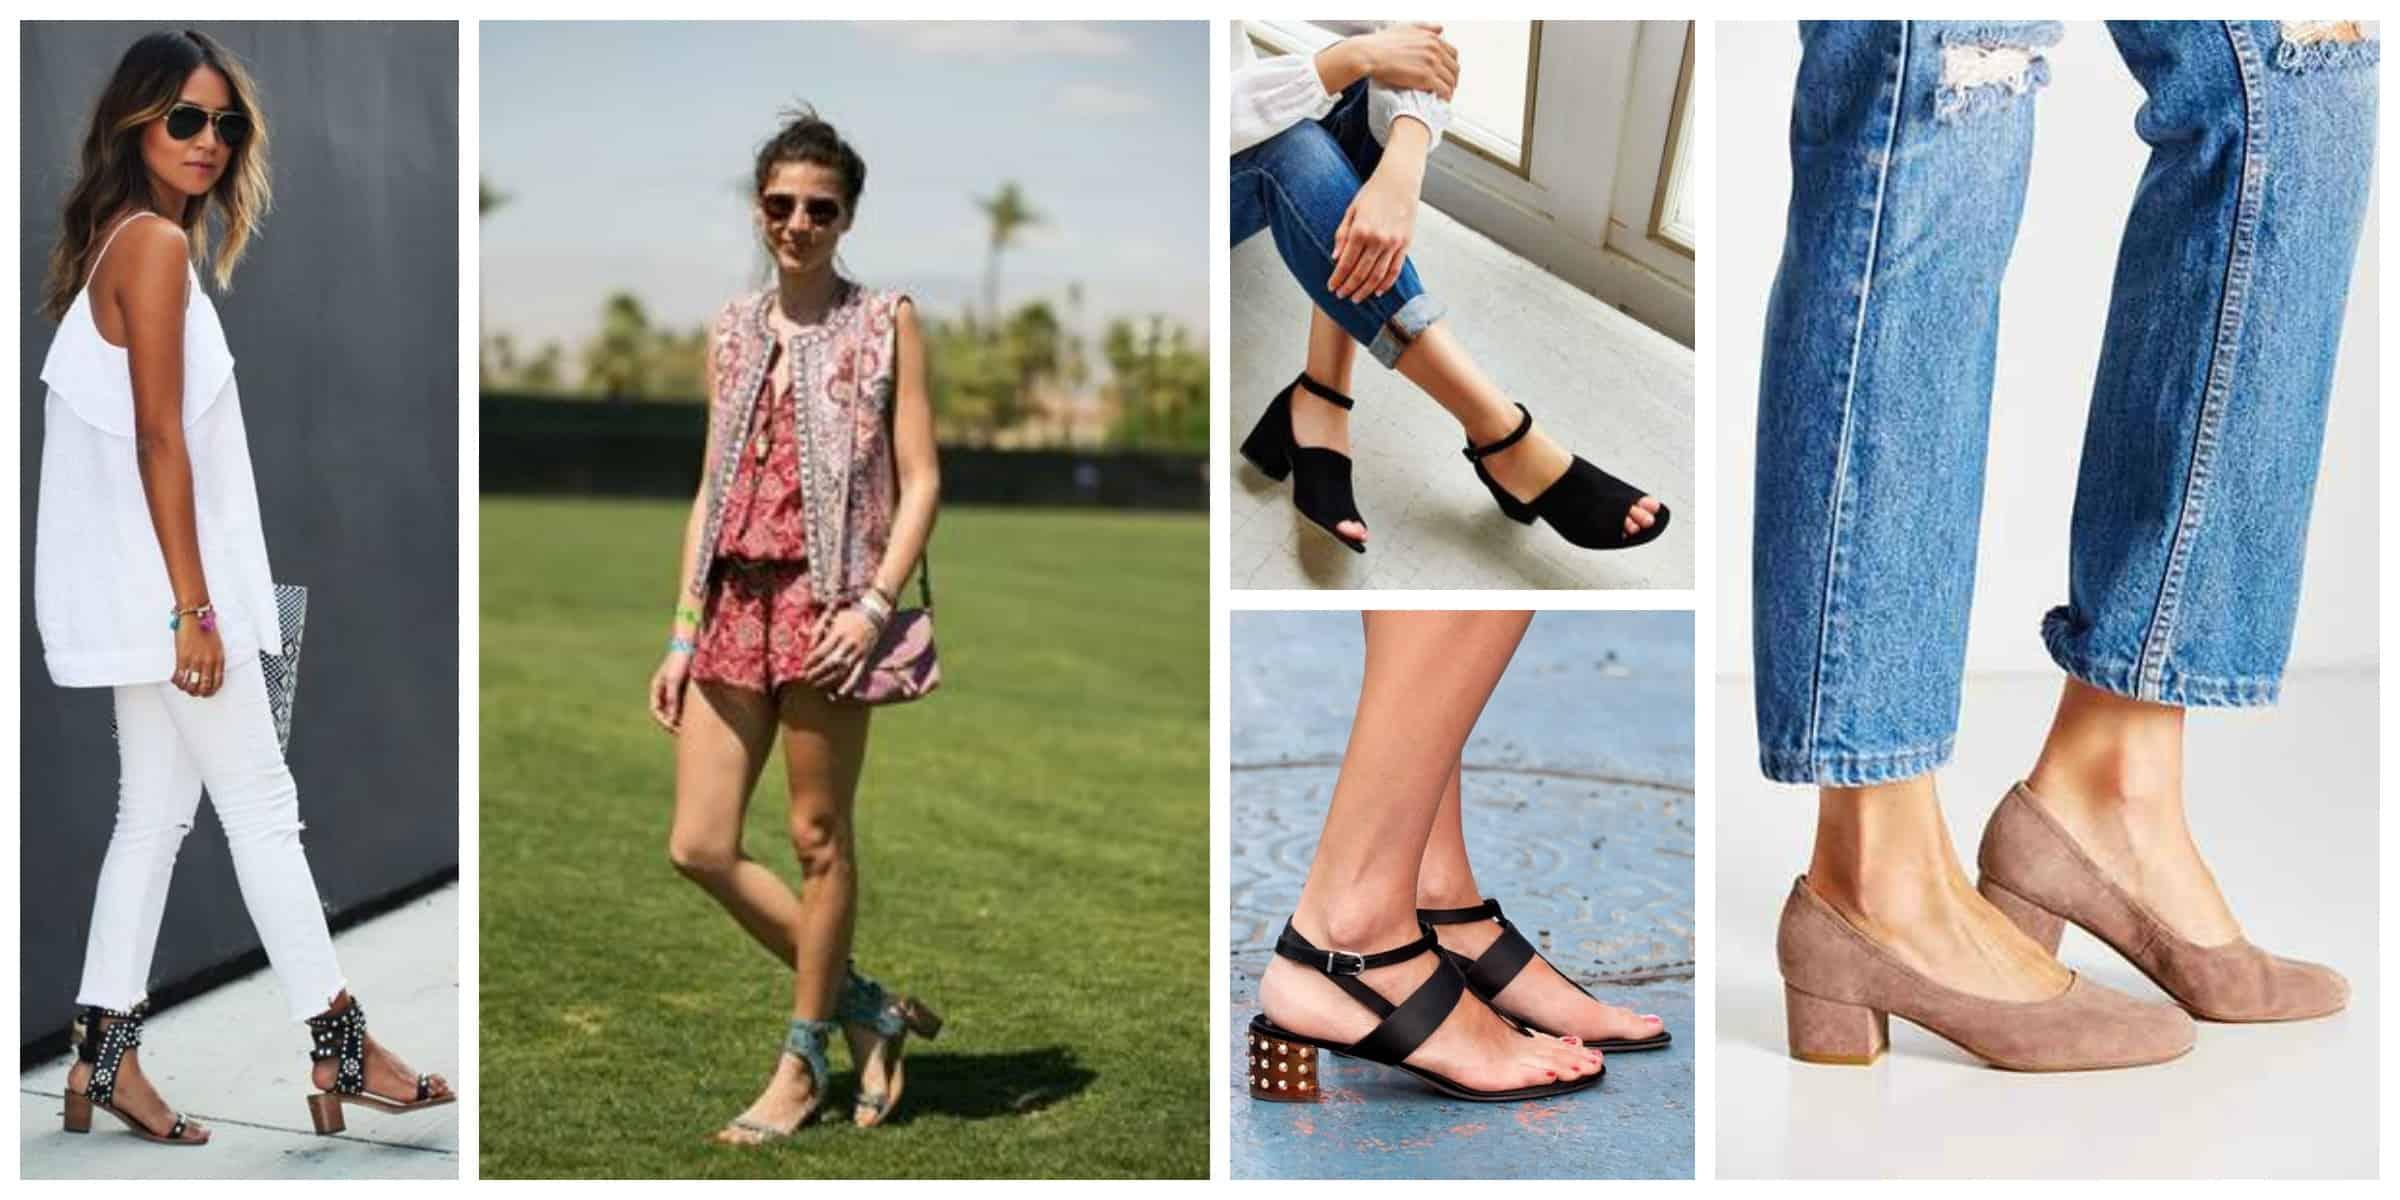 b5b9e5e8b47 The Sandals Of 2016  Low Heels. YES Or NO  – The Fashion Tag Blog